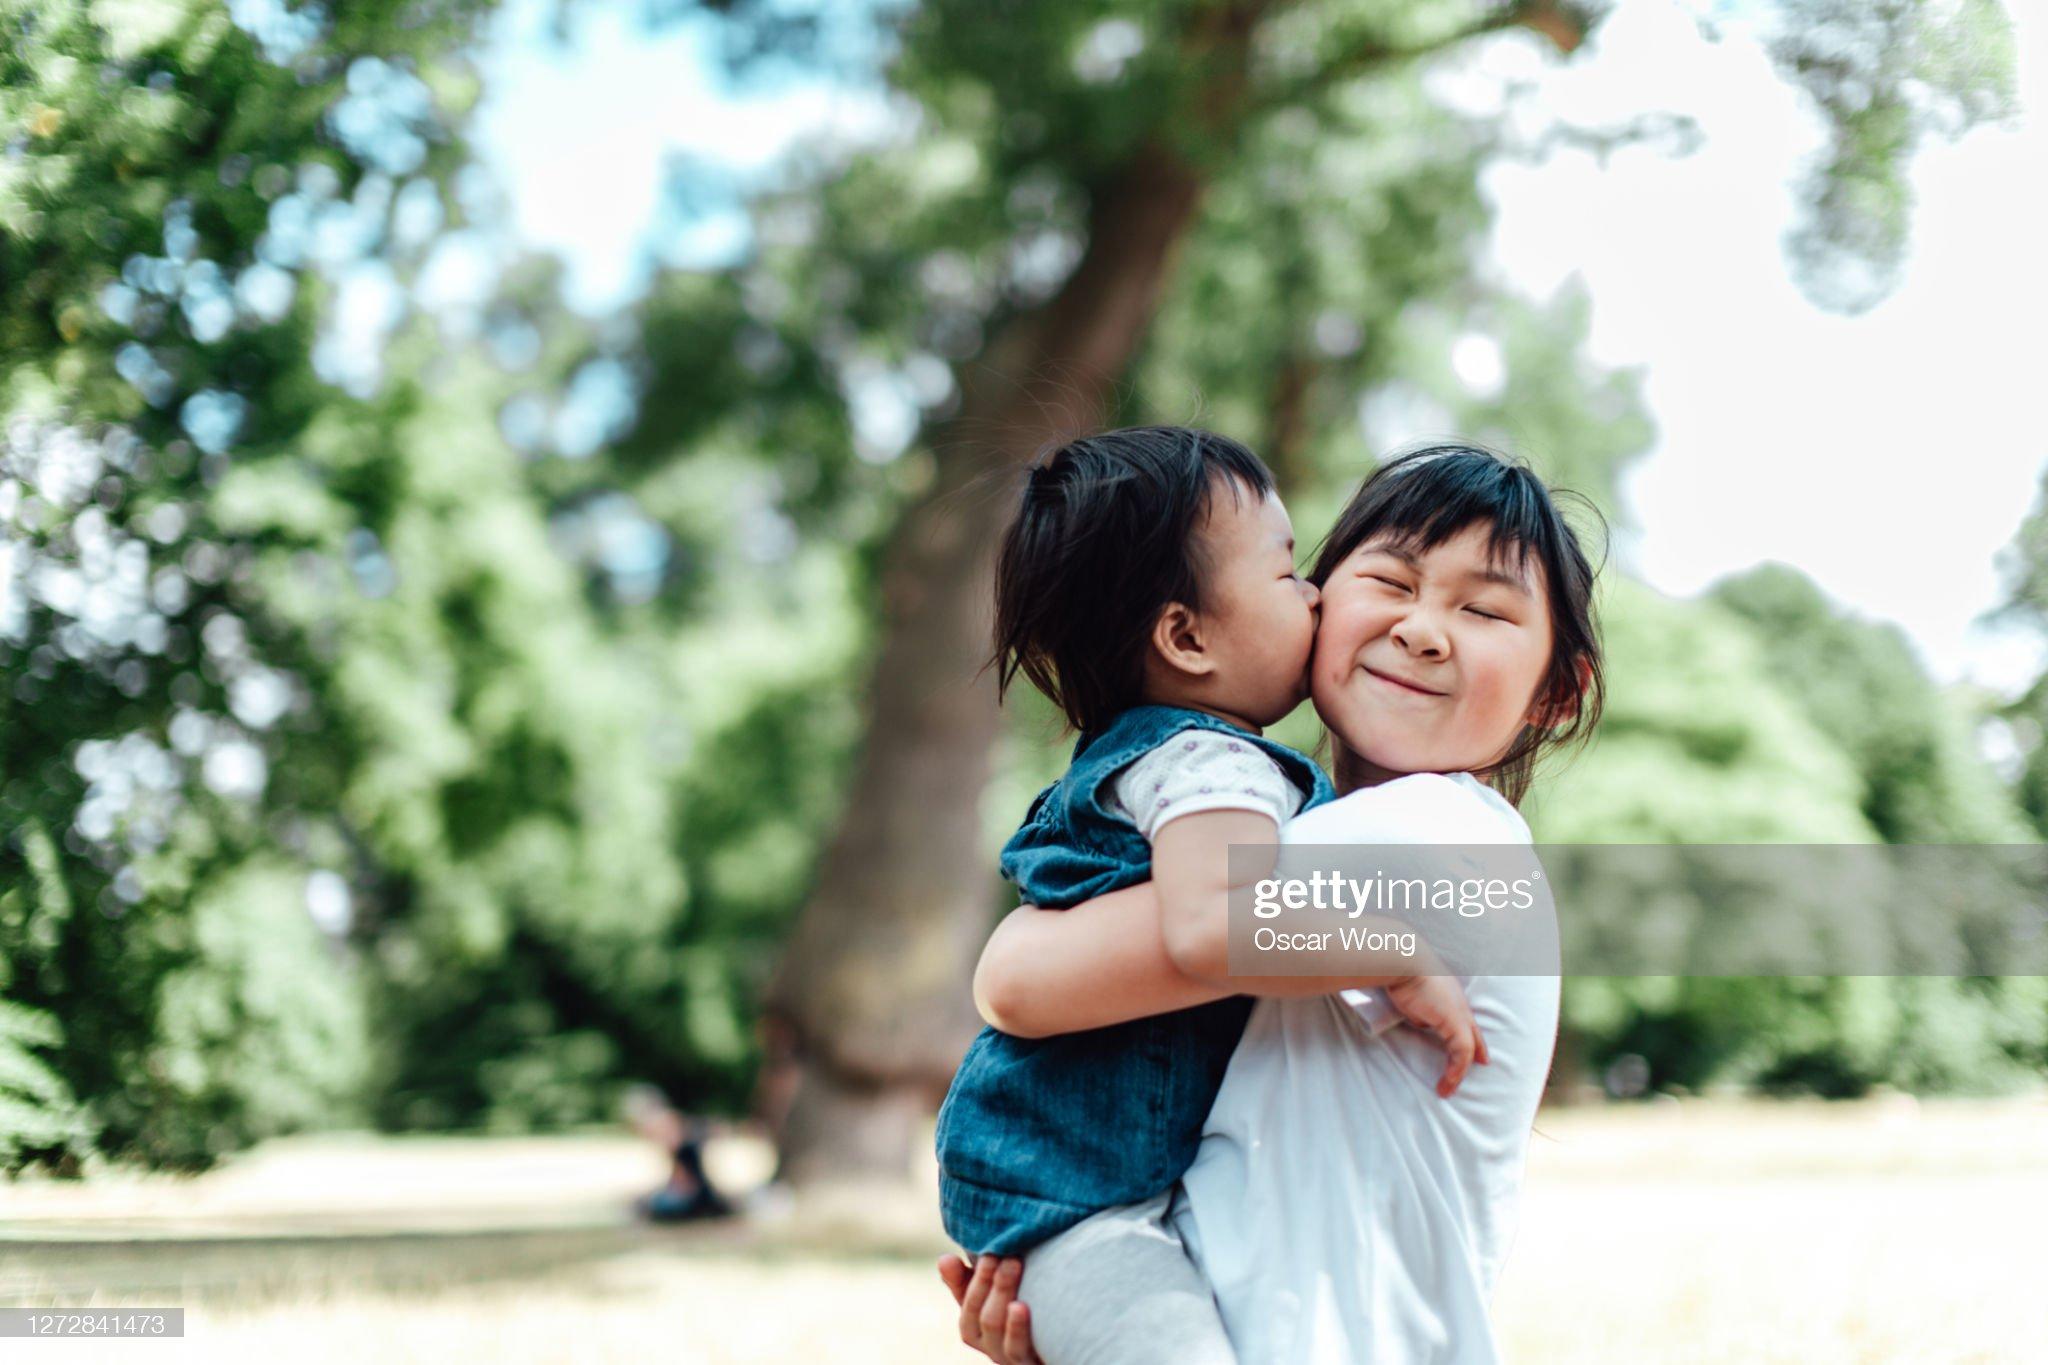 Baby Girl Kissing Her Sister On Cheek : 圖庫照片